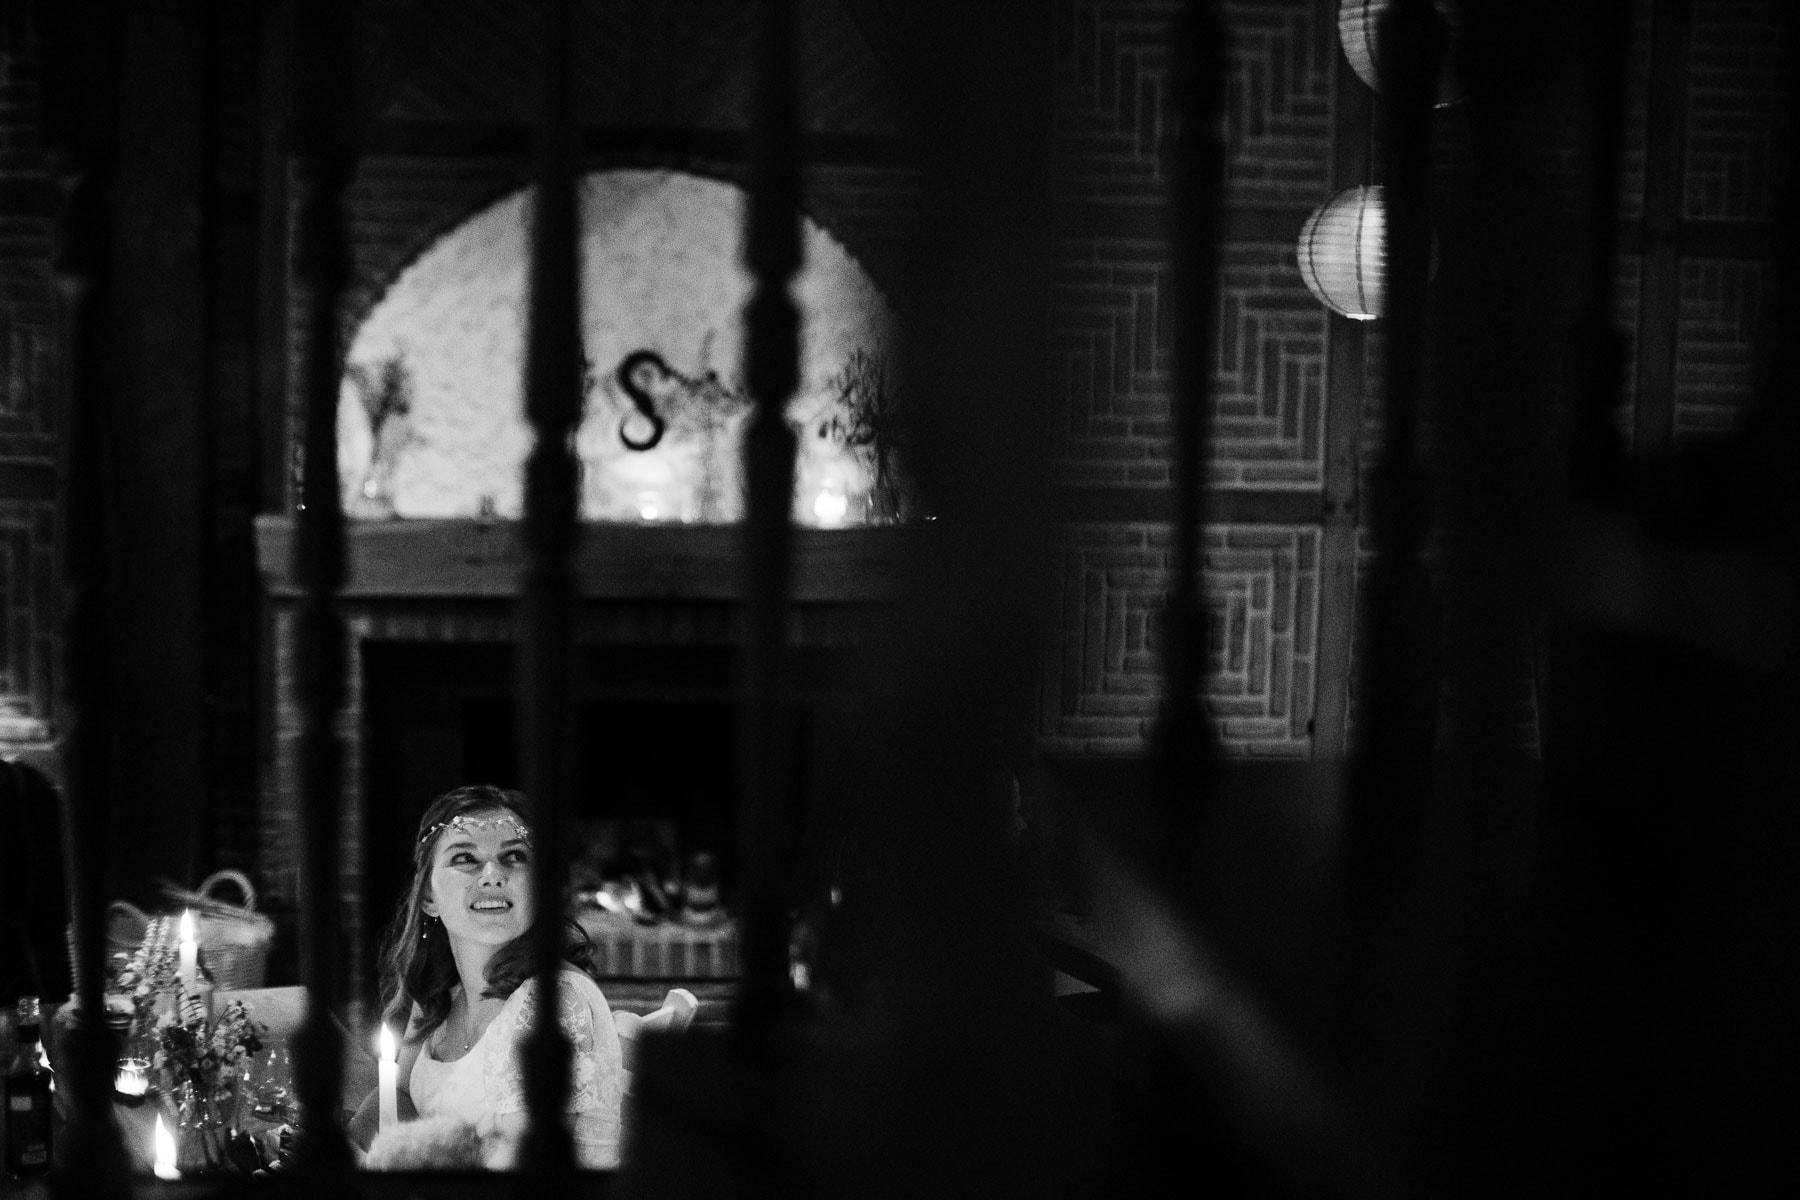 hinter einem Treppengeländer ist die Braut zu sehen, sie sitzt auf einem Stuhl an einer Holztafel, hinter ihr ist ein großes Milchglasfenster mit einer Gravur